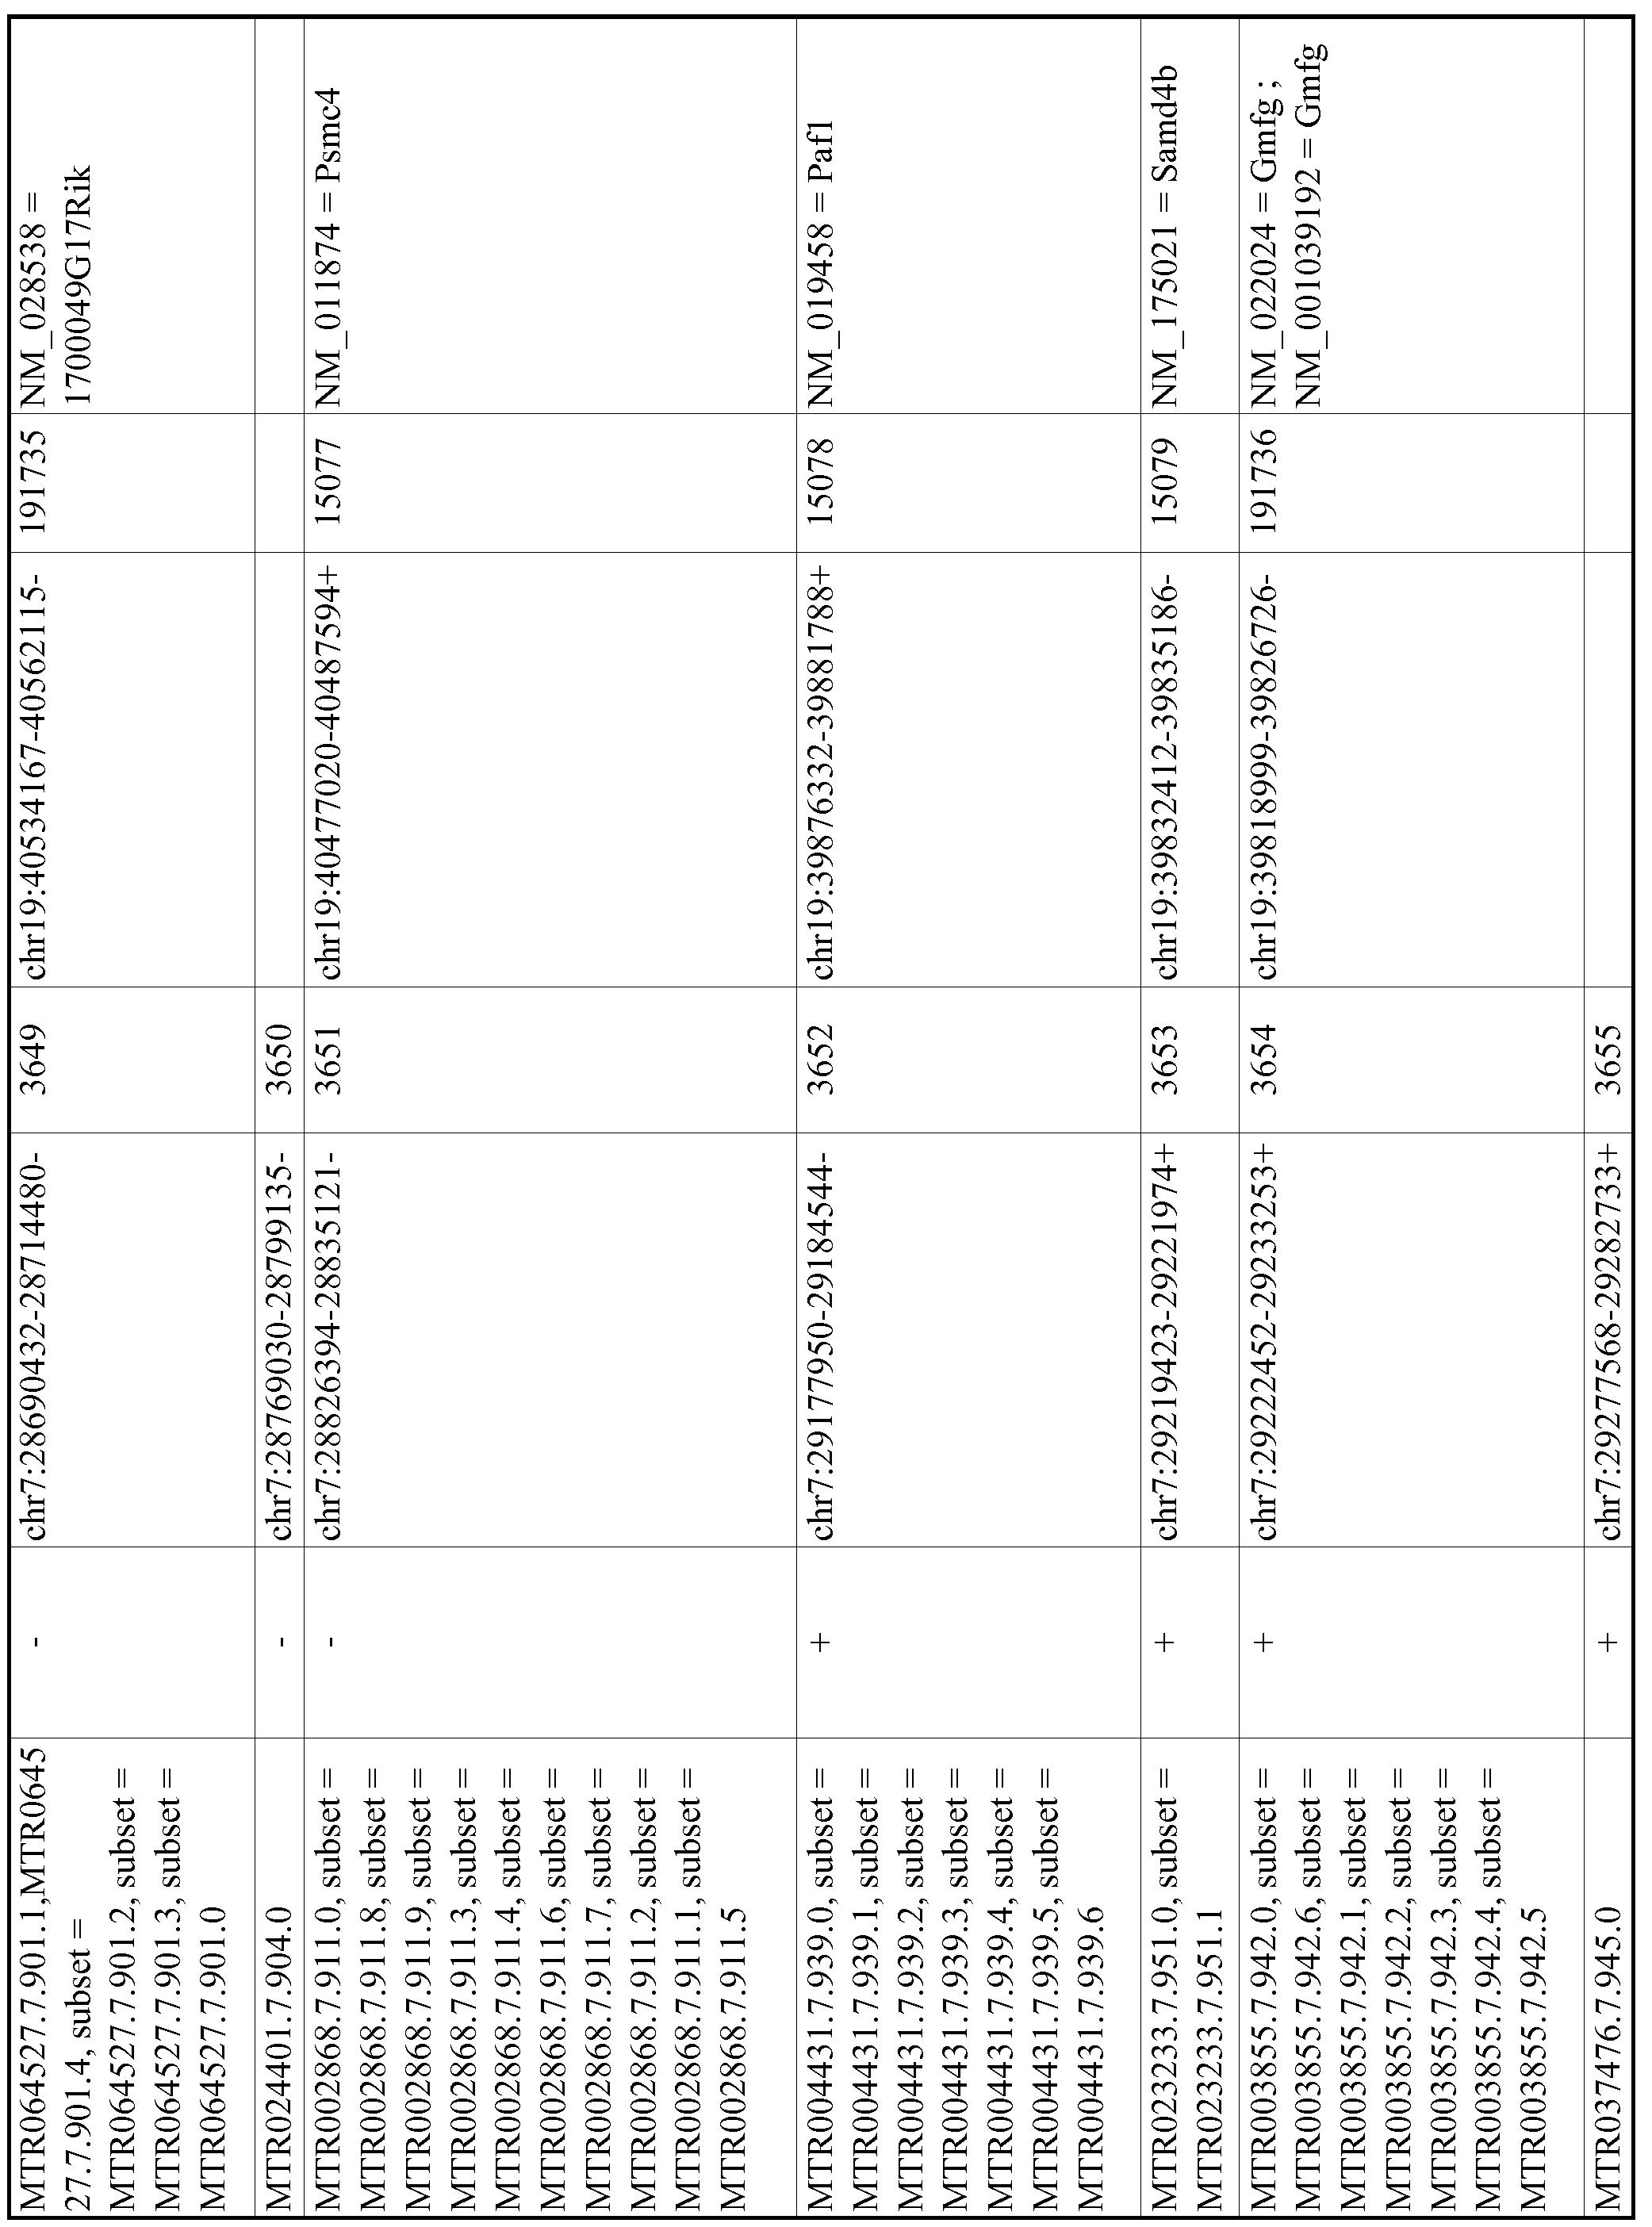 Figure imgf000705_0001